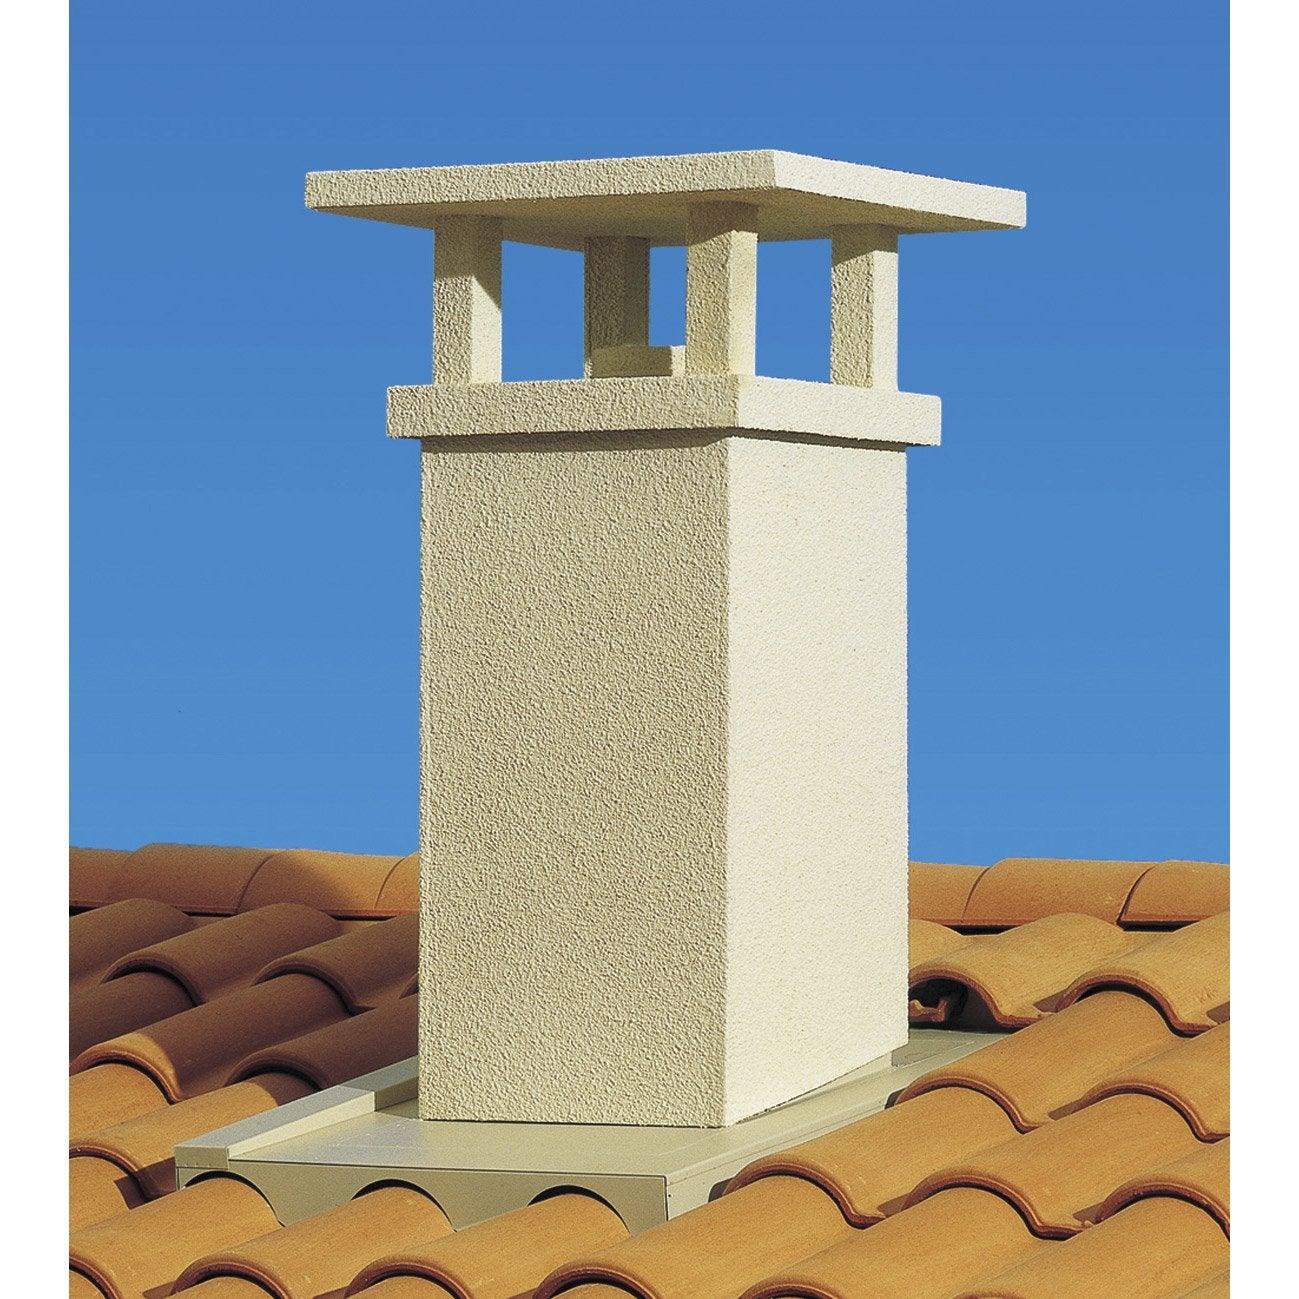 Cadre de fixation pour sortie de toit poujoulat leroy merlin - Cadre peinture leroy merlin ...